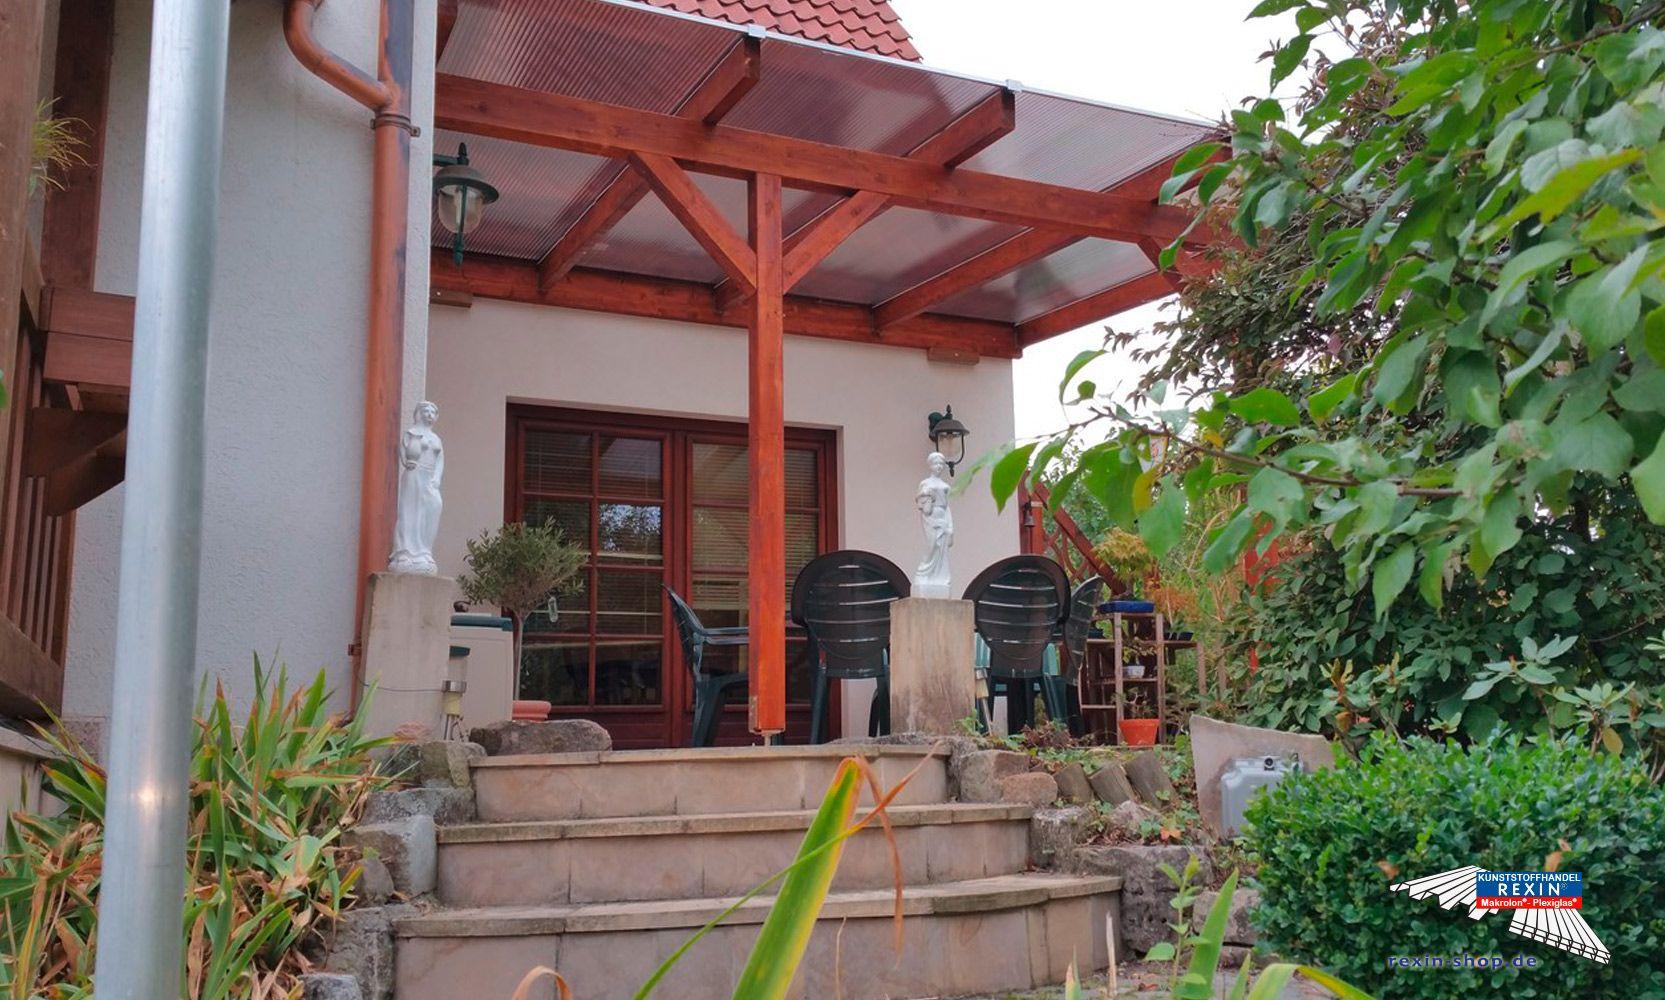 Ein Holz Terrassendach Der Marke Rexocomplete 4m X 3 5m Mit Stegplatten In Bronze Als Farbe Fur Die H Uberdachung Terrasse Terrassenuberdachung Terrassendach